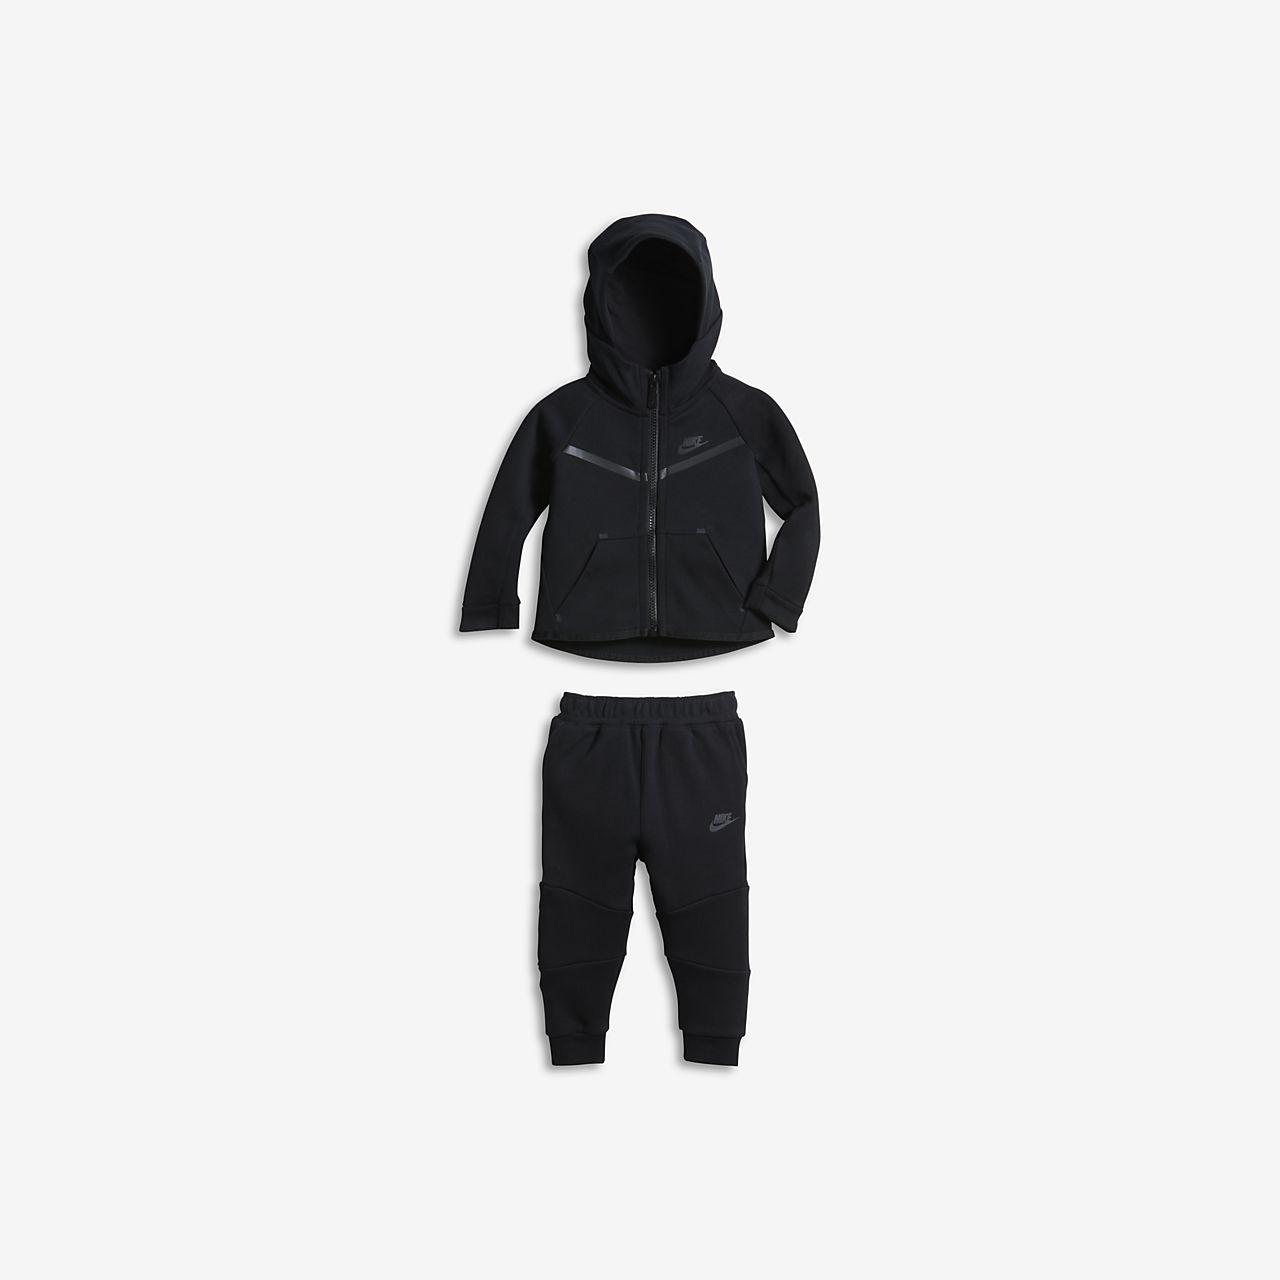 Zestaw bluza z kapturem i spodnie dla niemowląt (12-24 M) Nike Tech Fleece